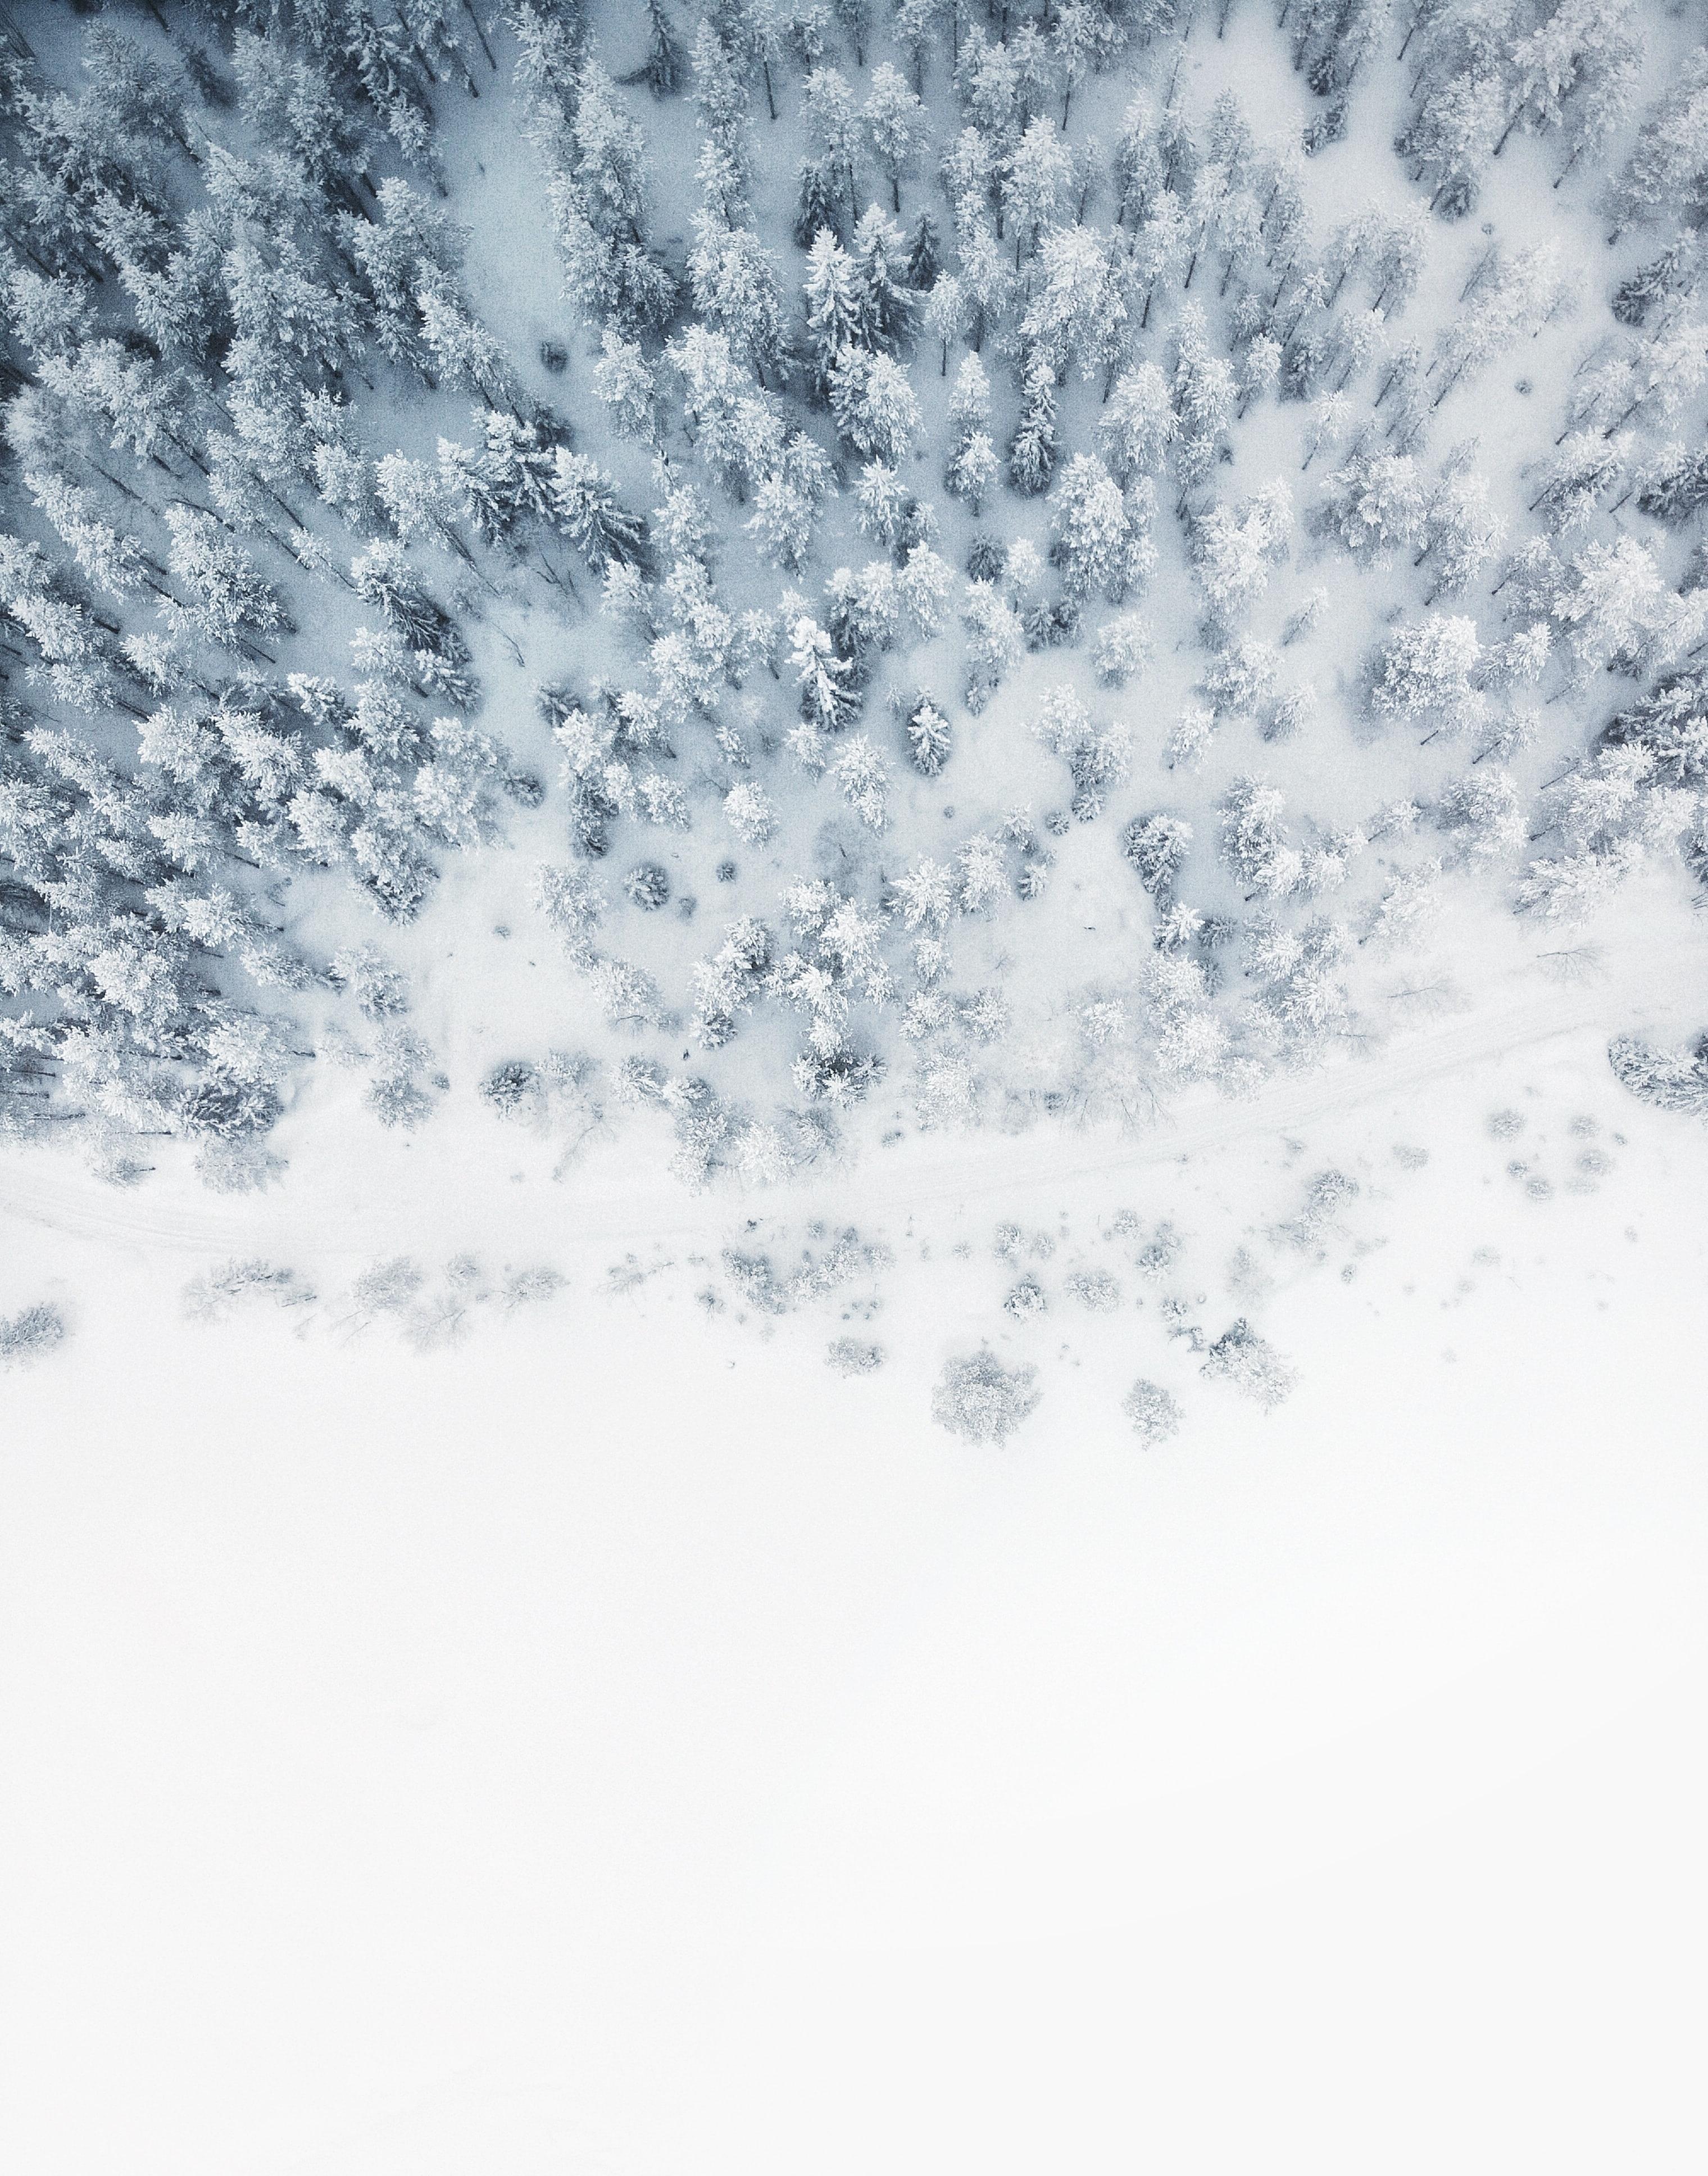 Photo d'une forêt enneigée